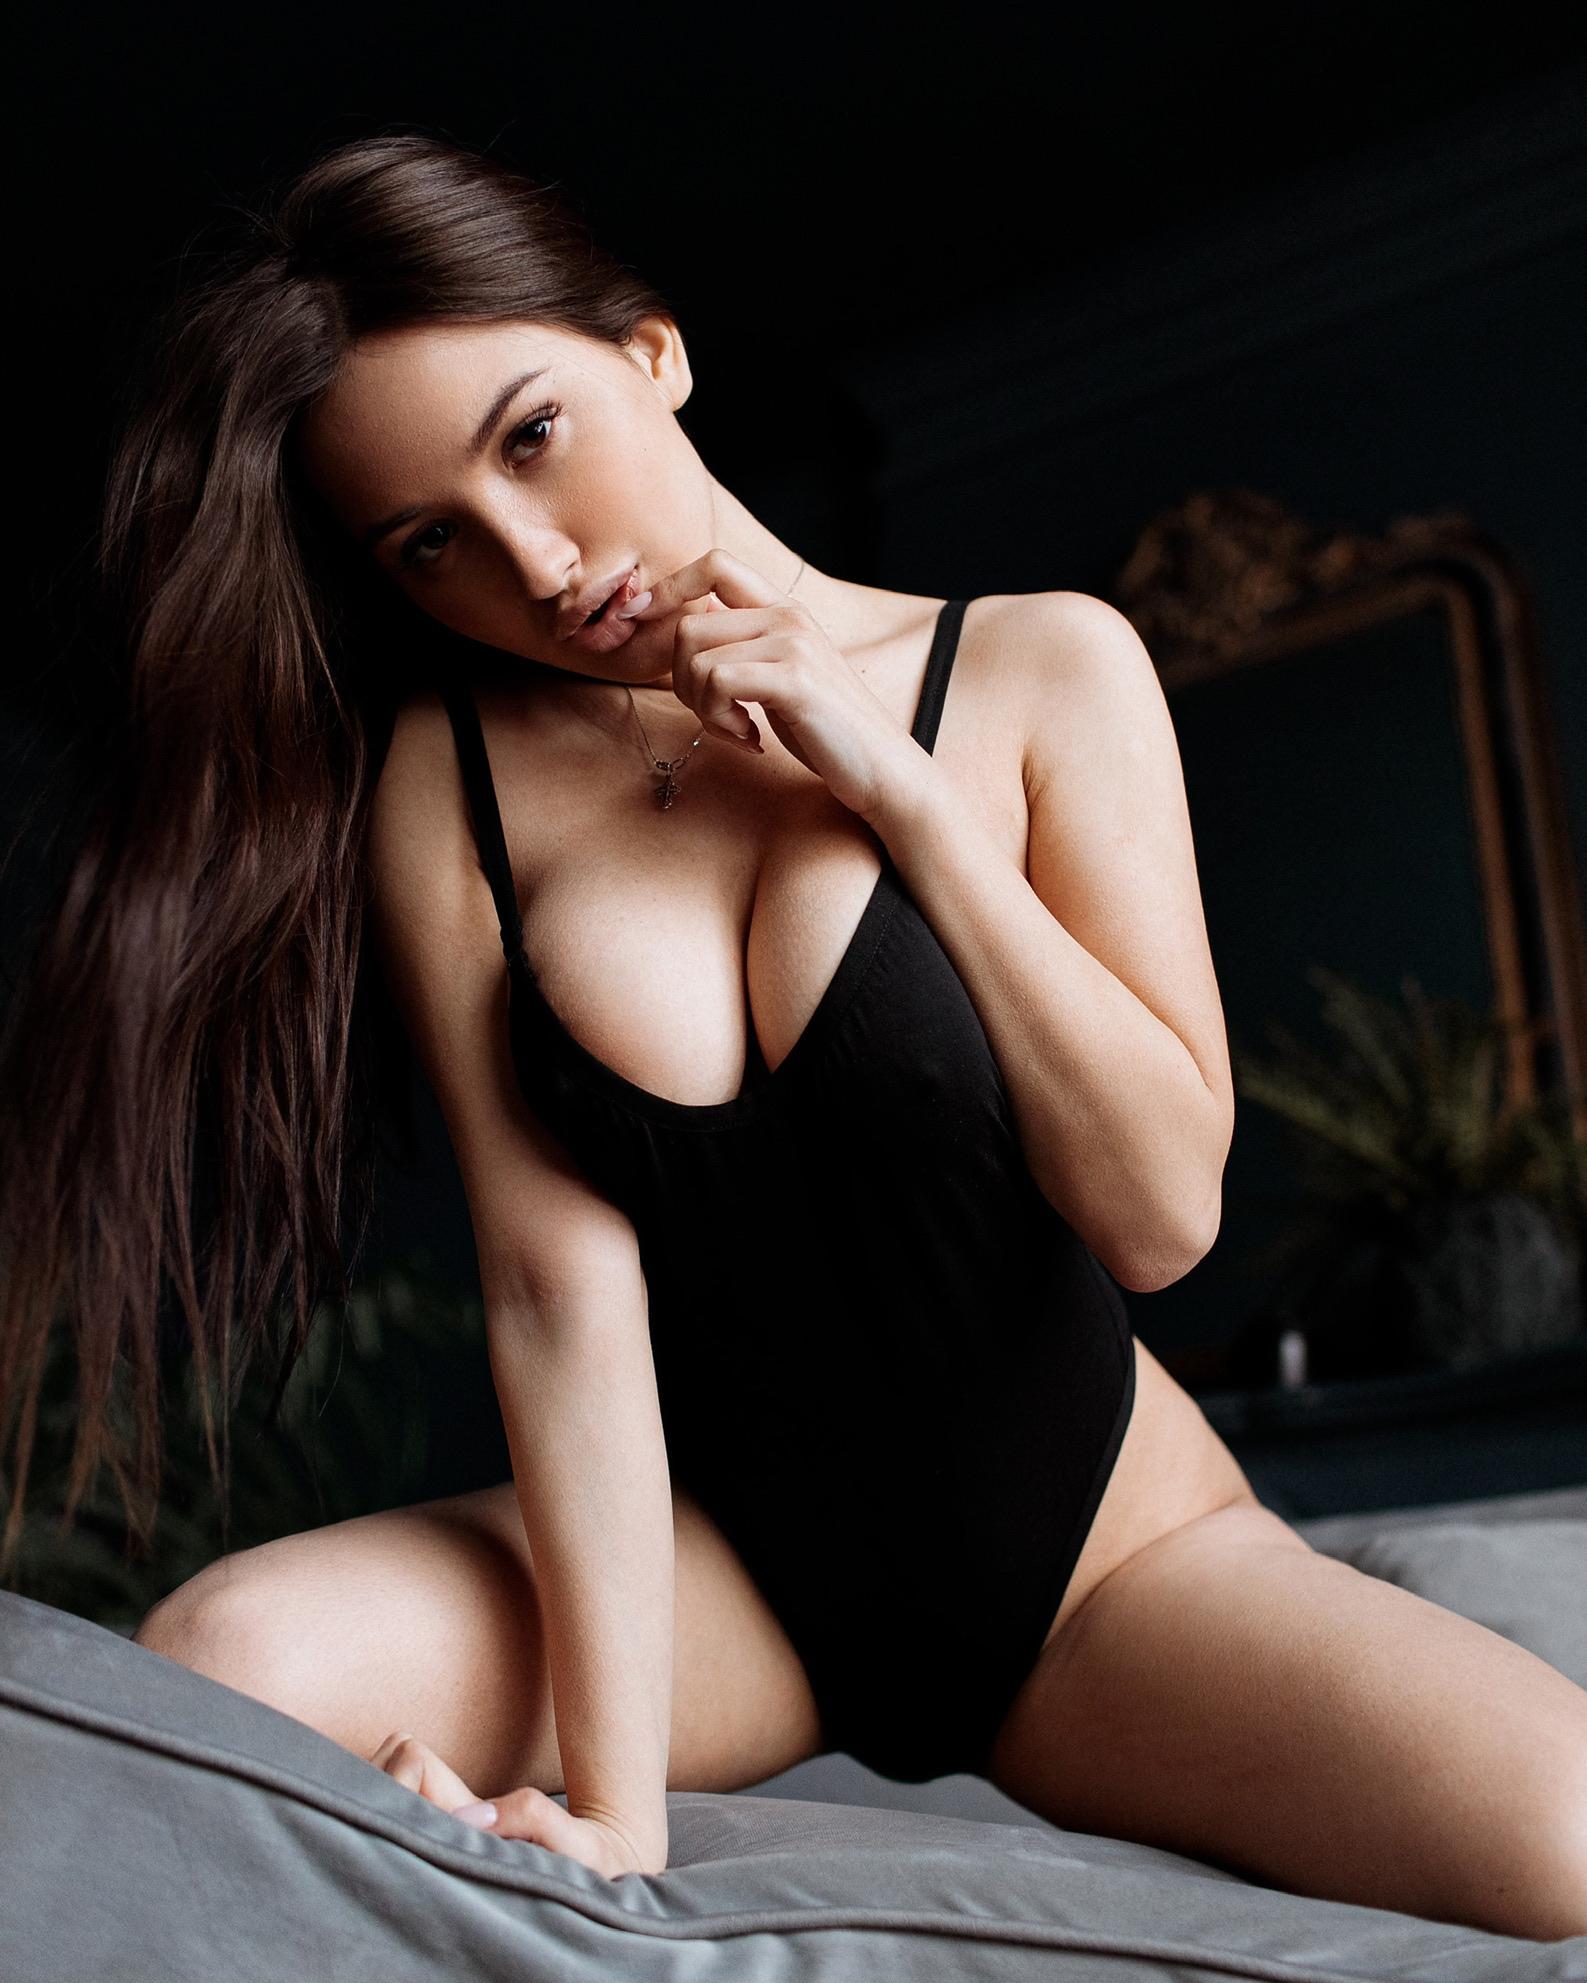 Веб девушка модель перми работа для девушек в москве в ночных клубах